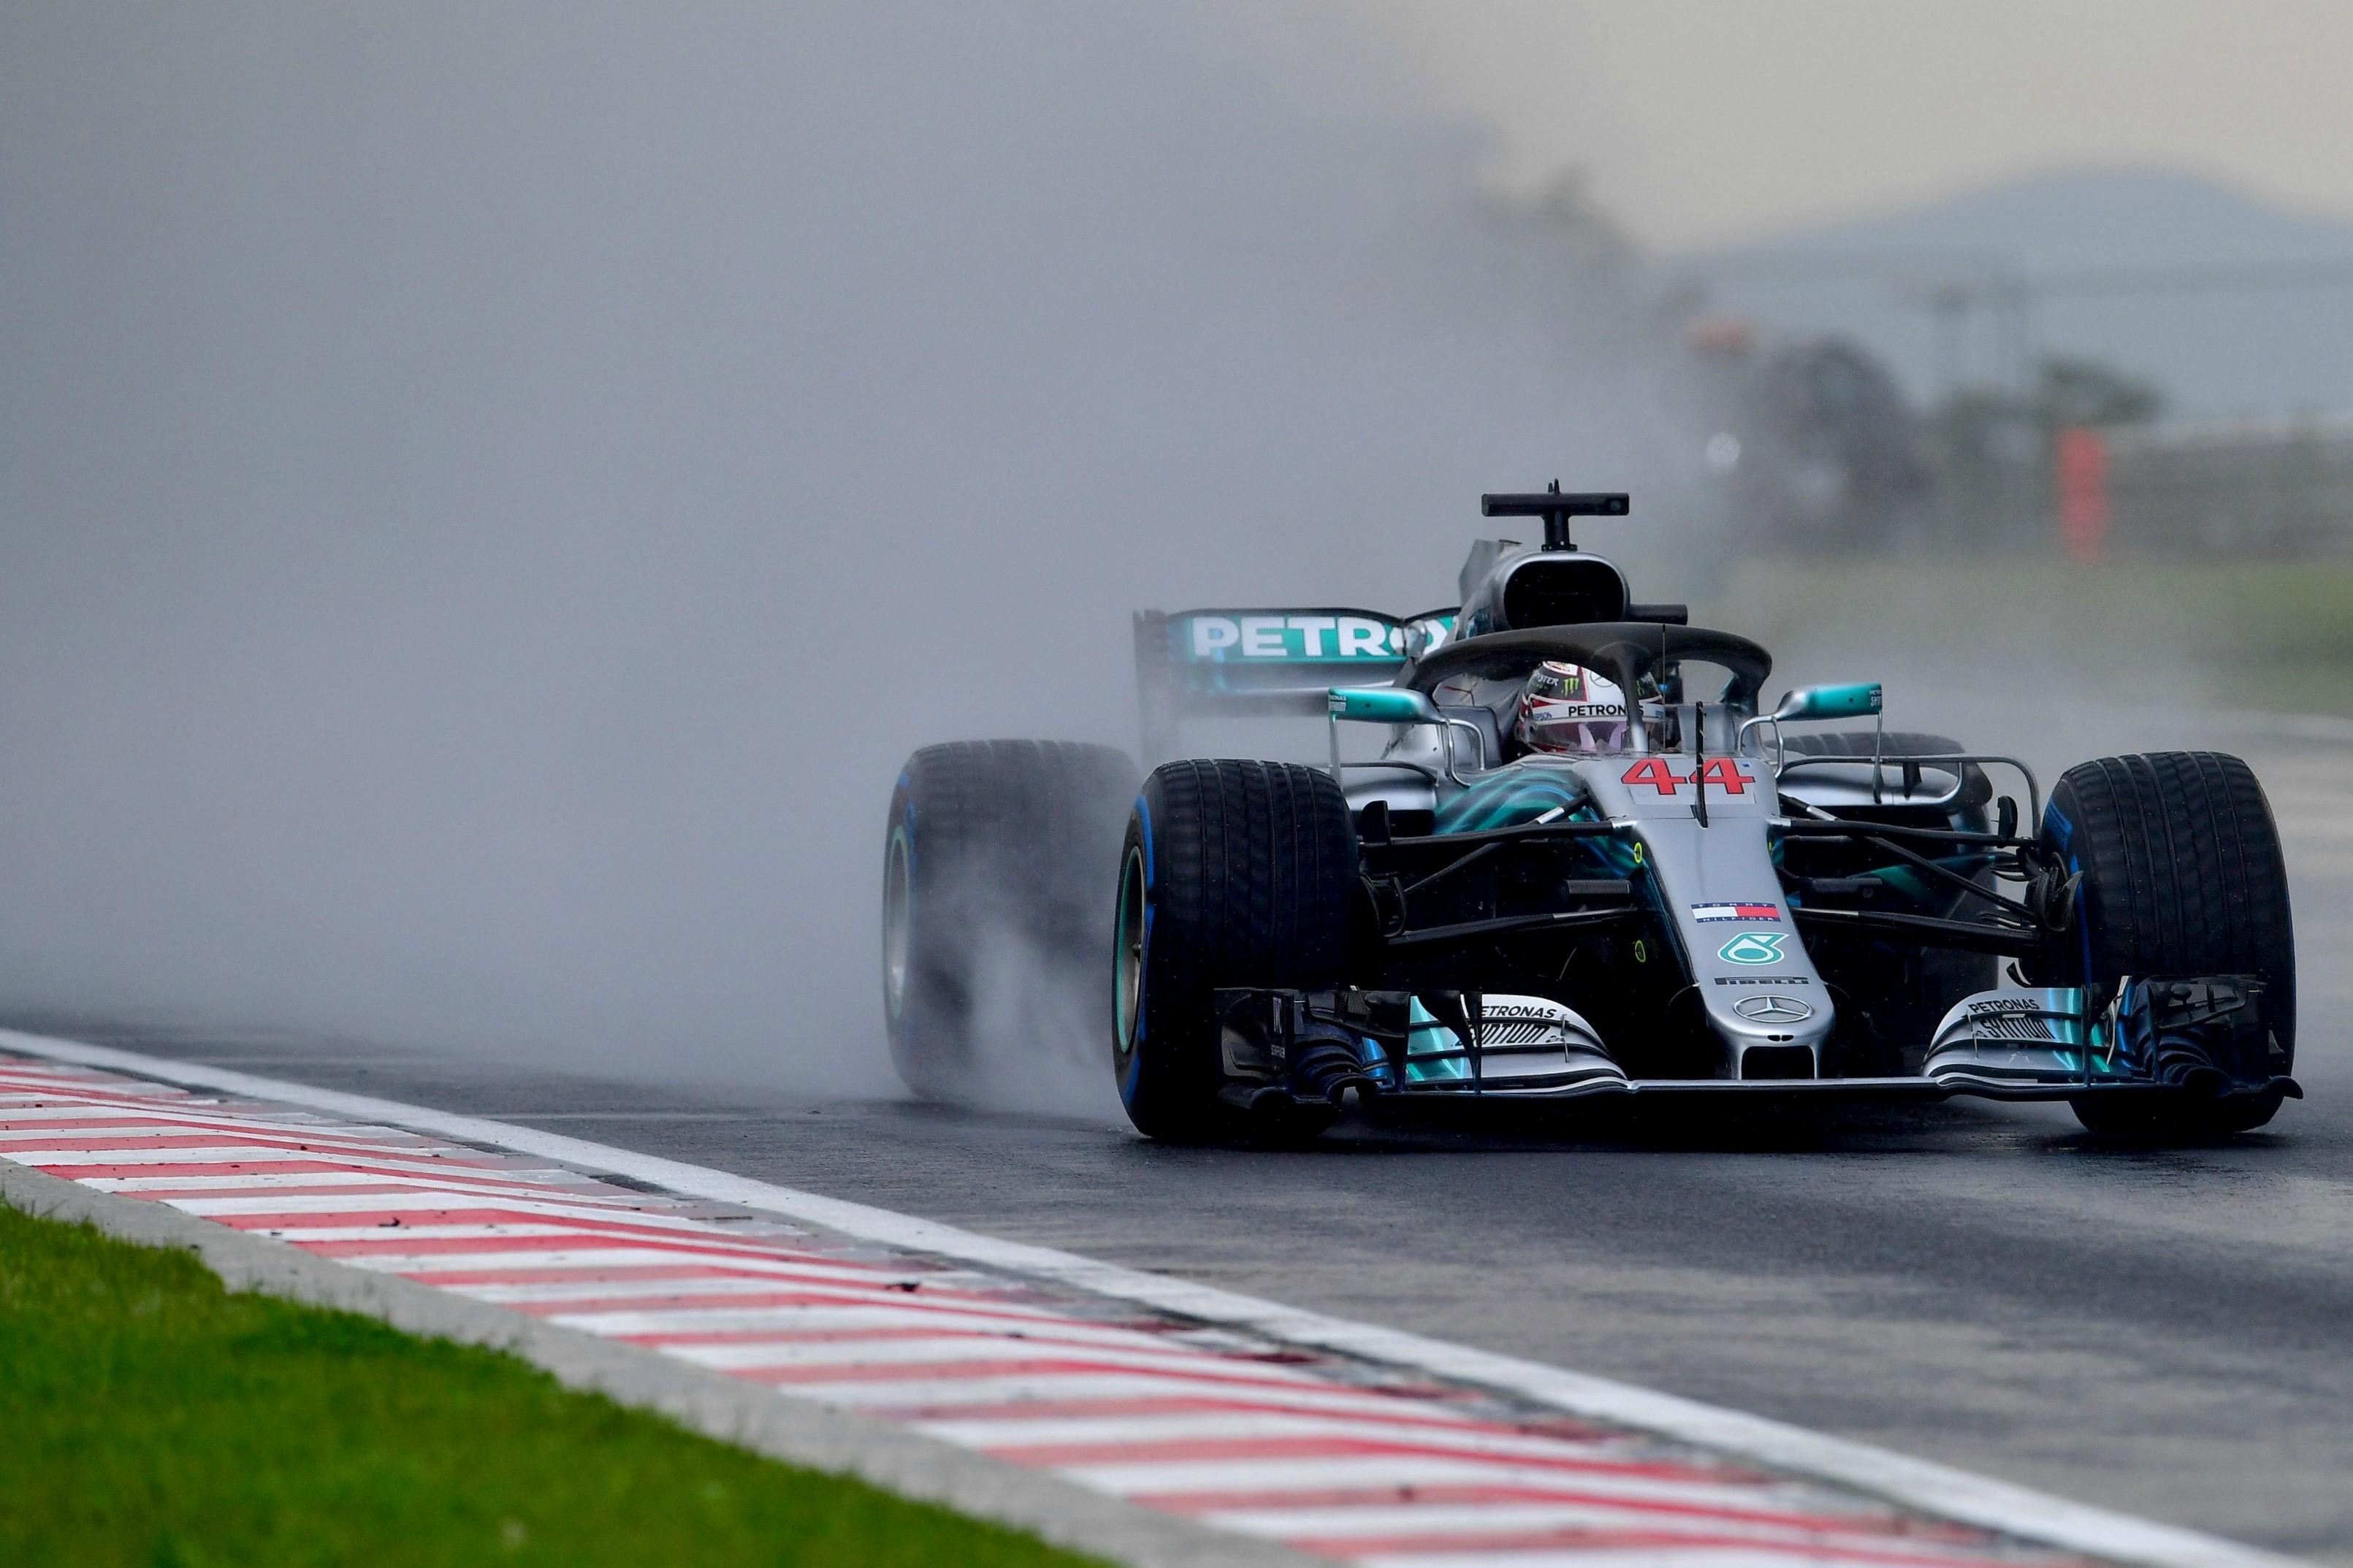 Lewis Hamilton (Mercedes) au Grand Prix de Hongrie 2018